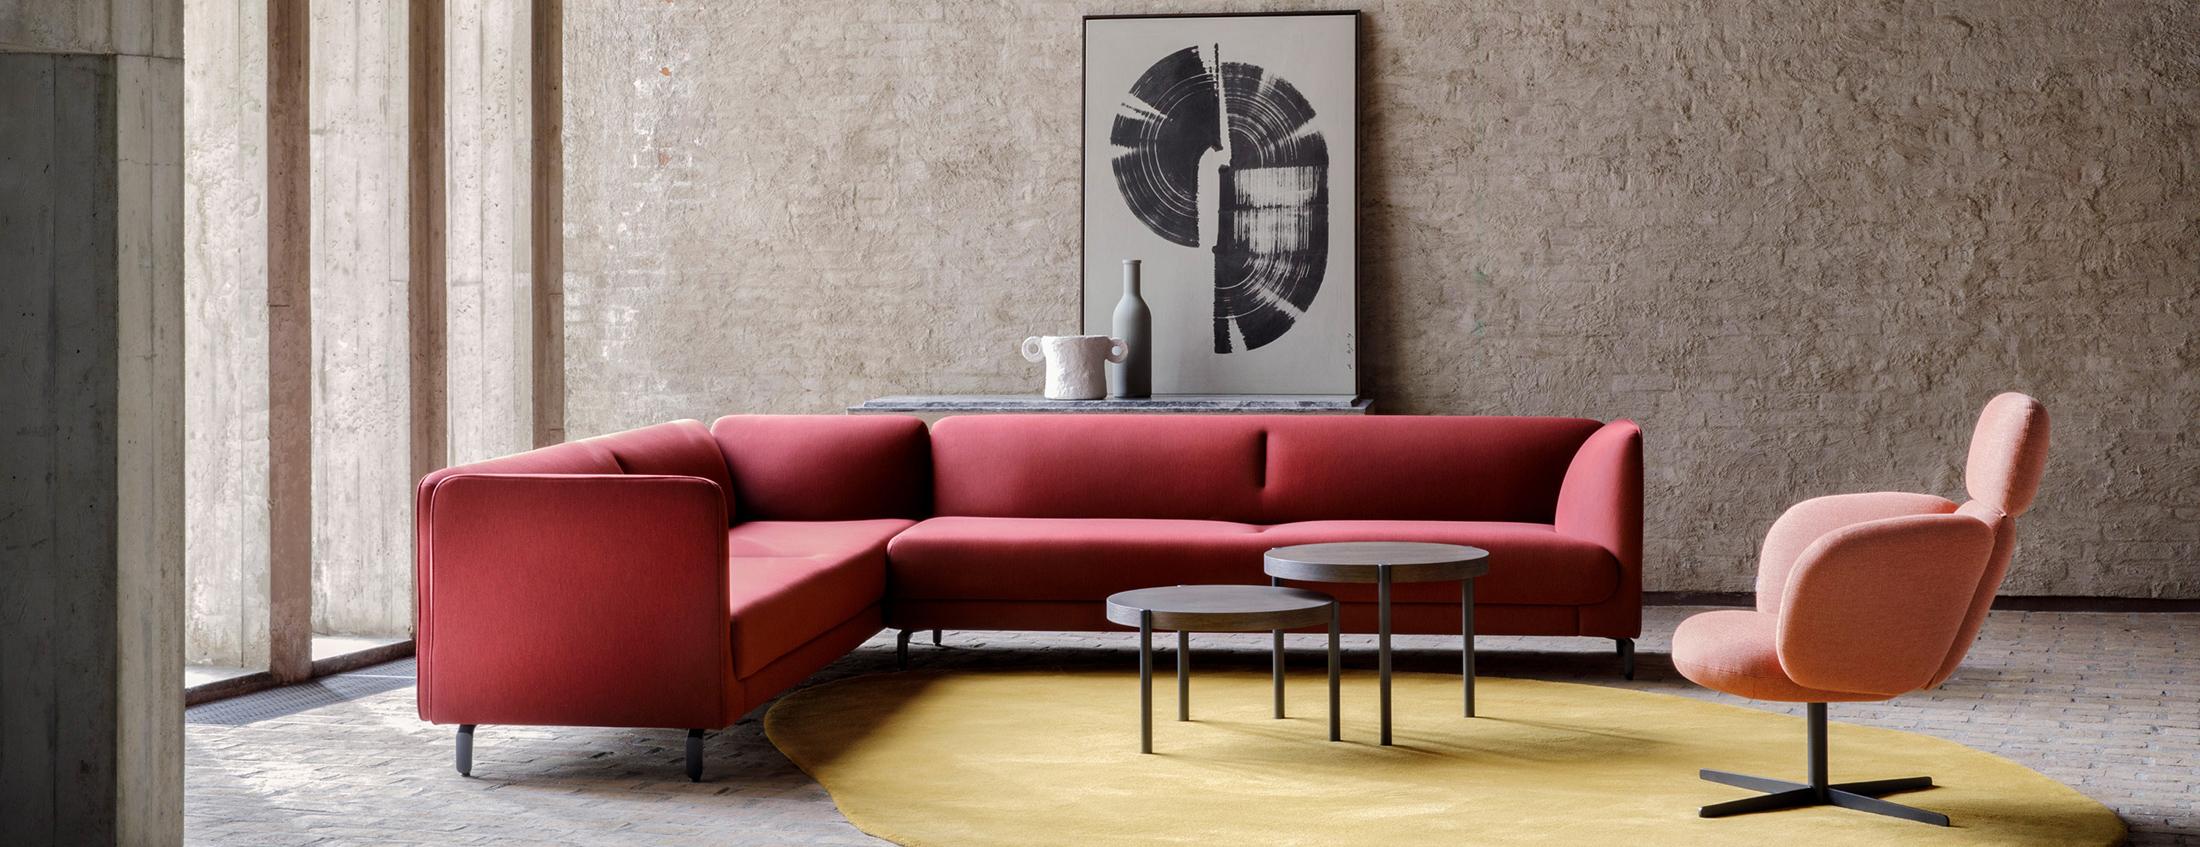 Modern Living - Pala Giro fauteuil